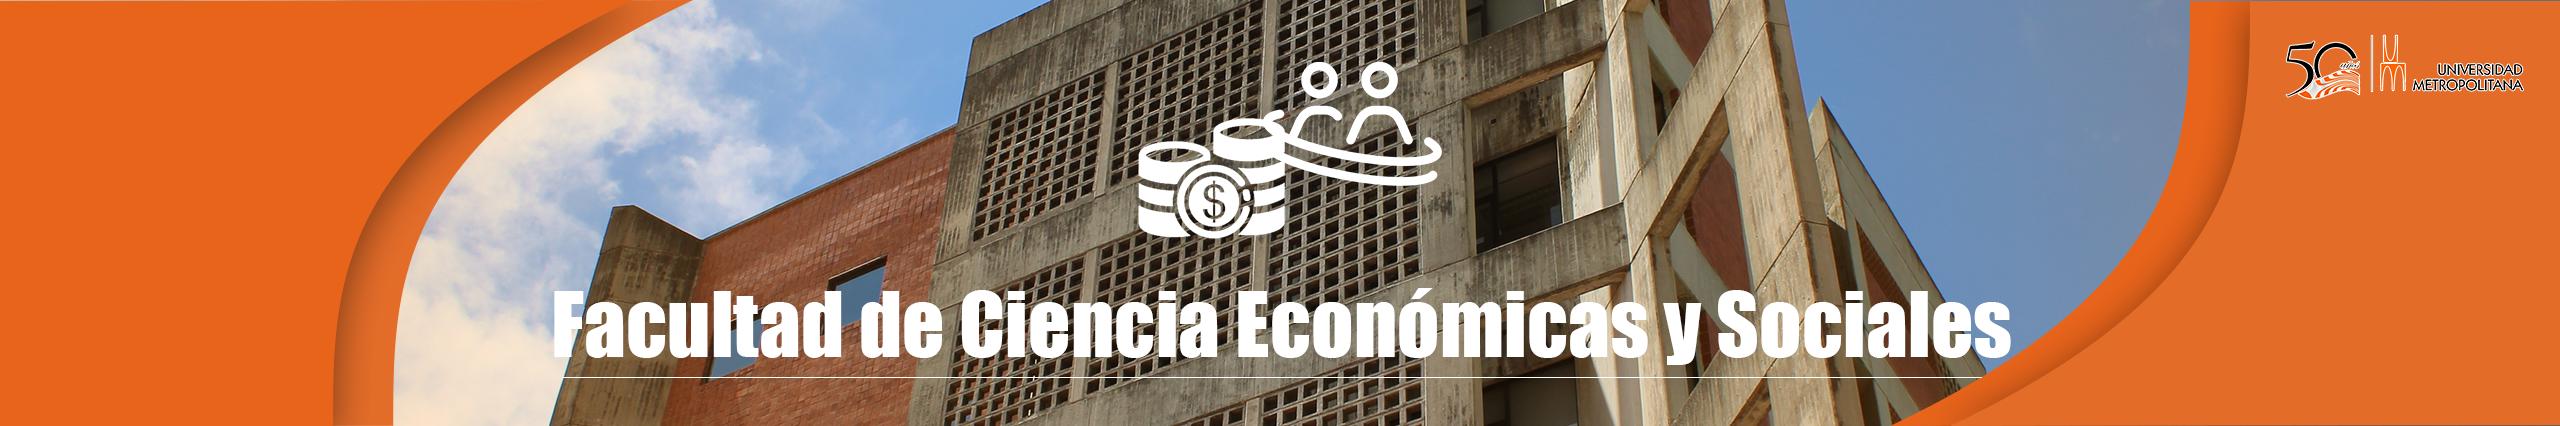 Facultad de Ciencias Económicas y Sociales